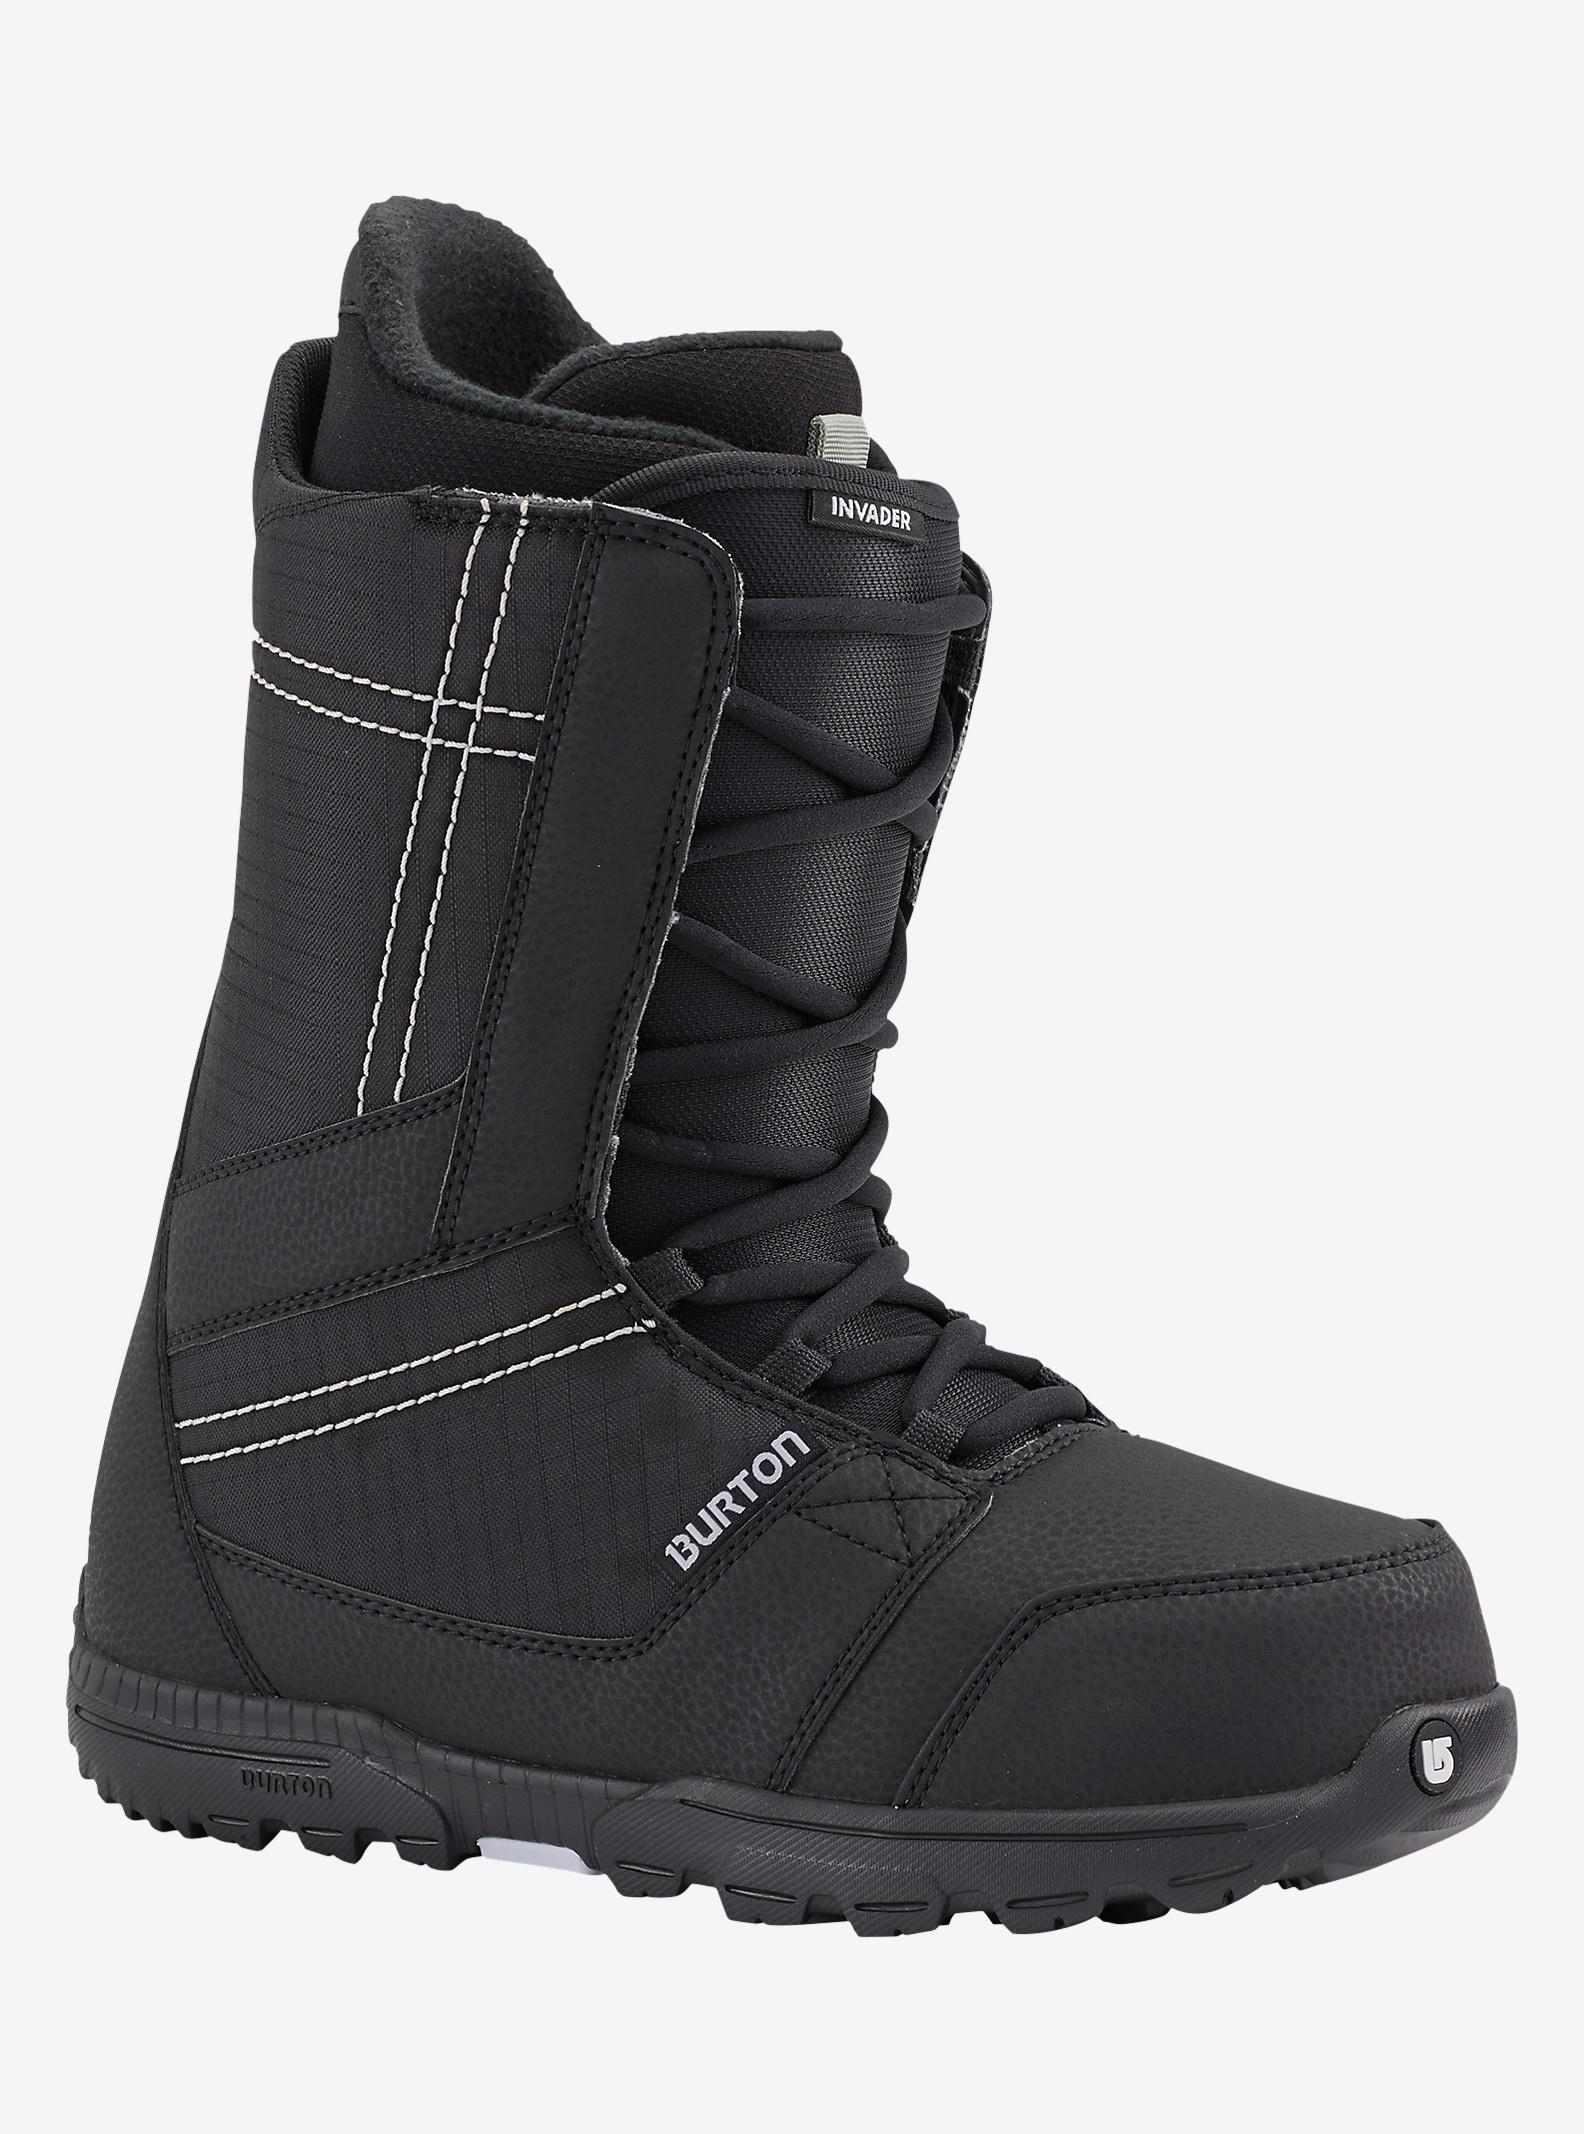 Burton Invader Snowboard Boot shown in Black